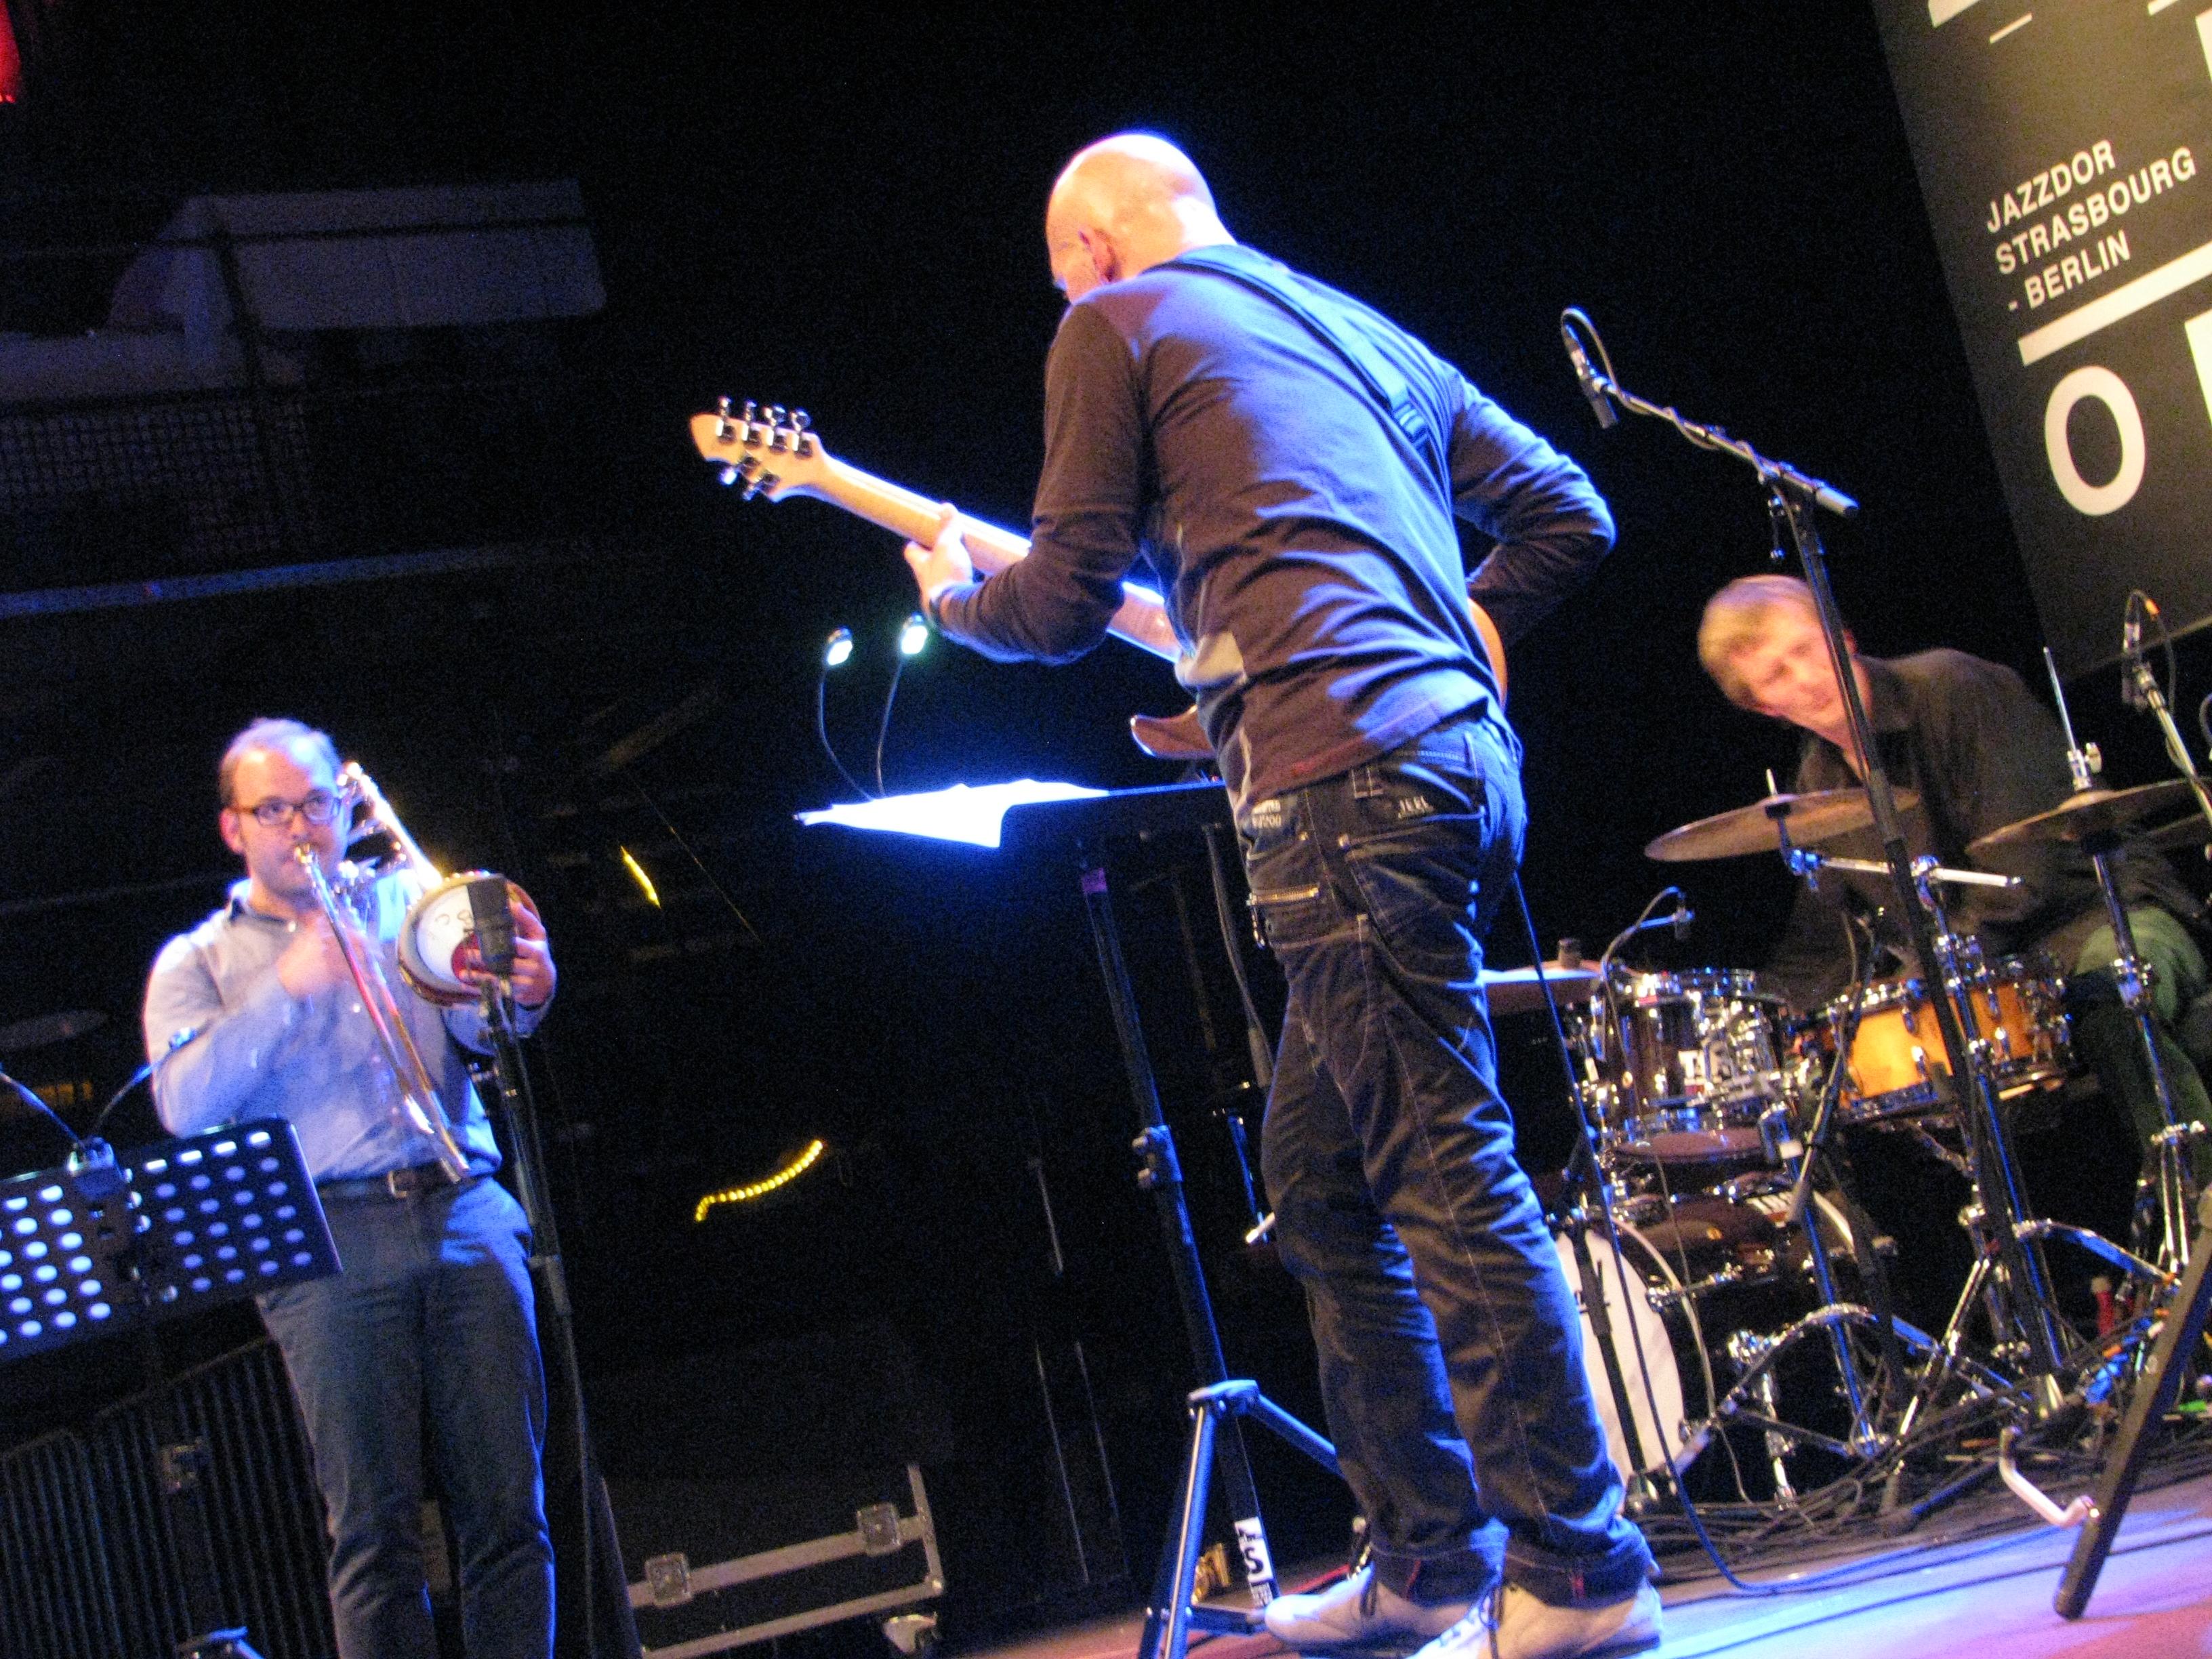 Samuel blaser marc ducret peter bruun, jazzdor berlin 2013